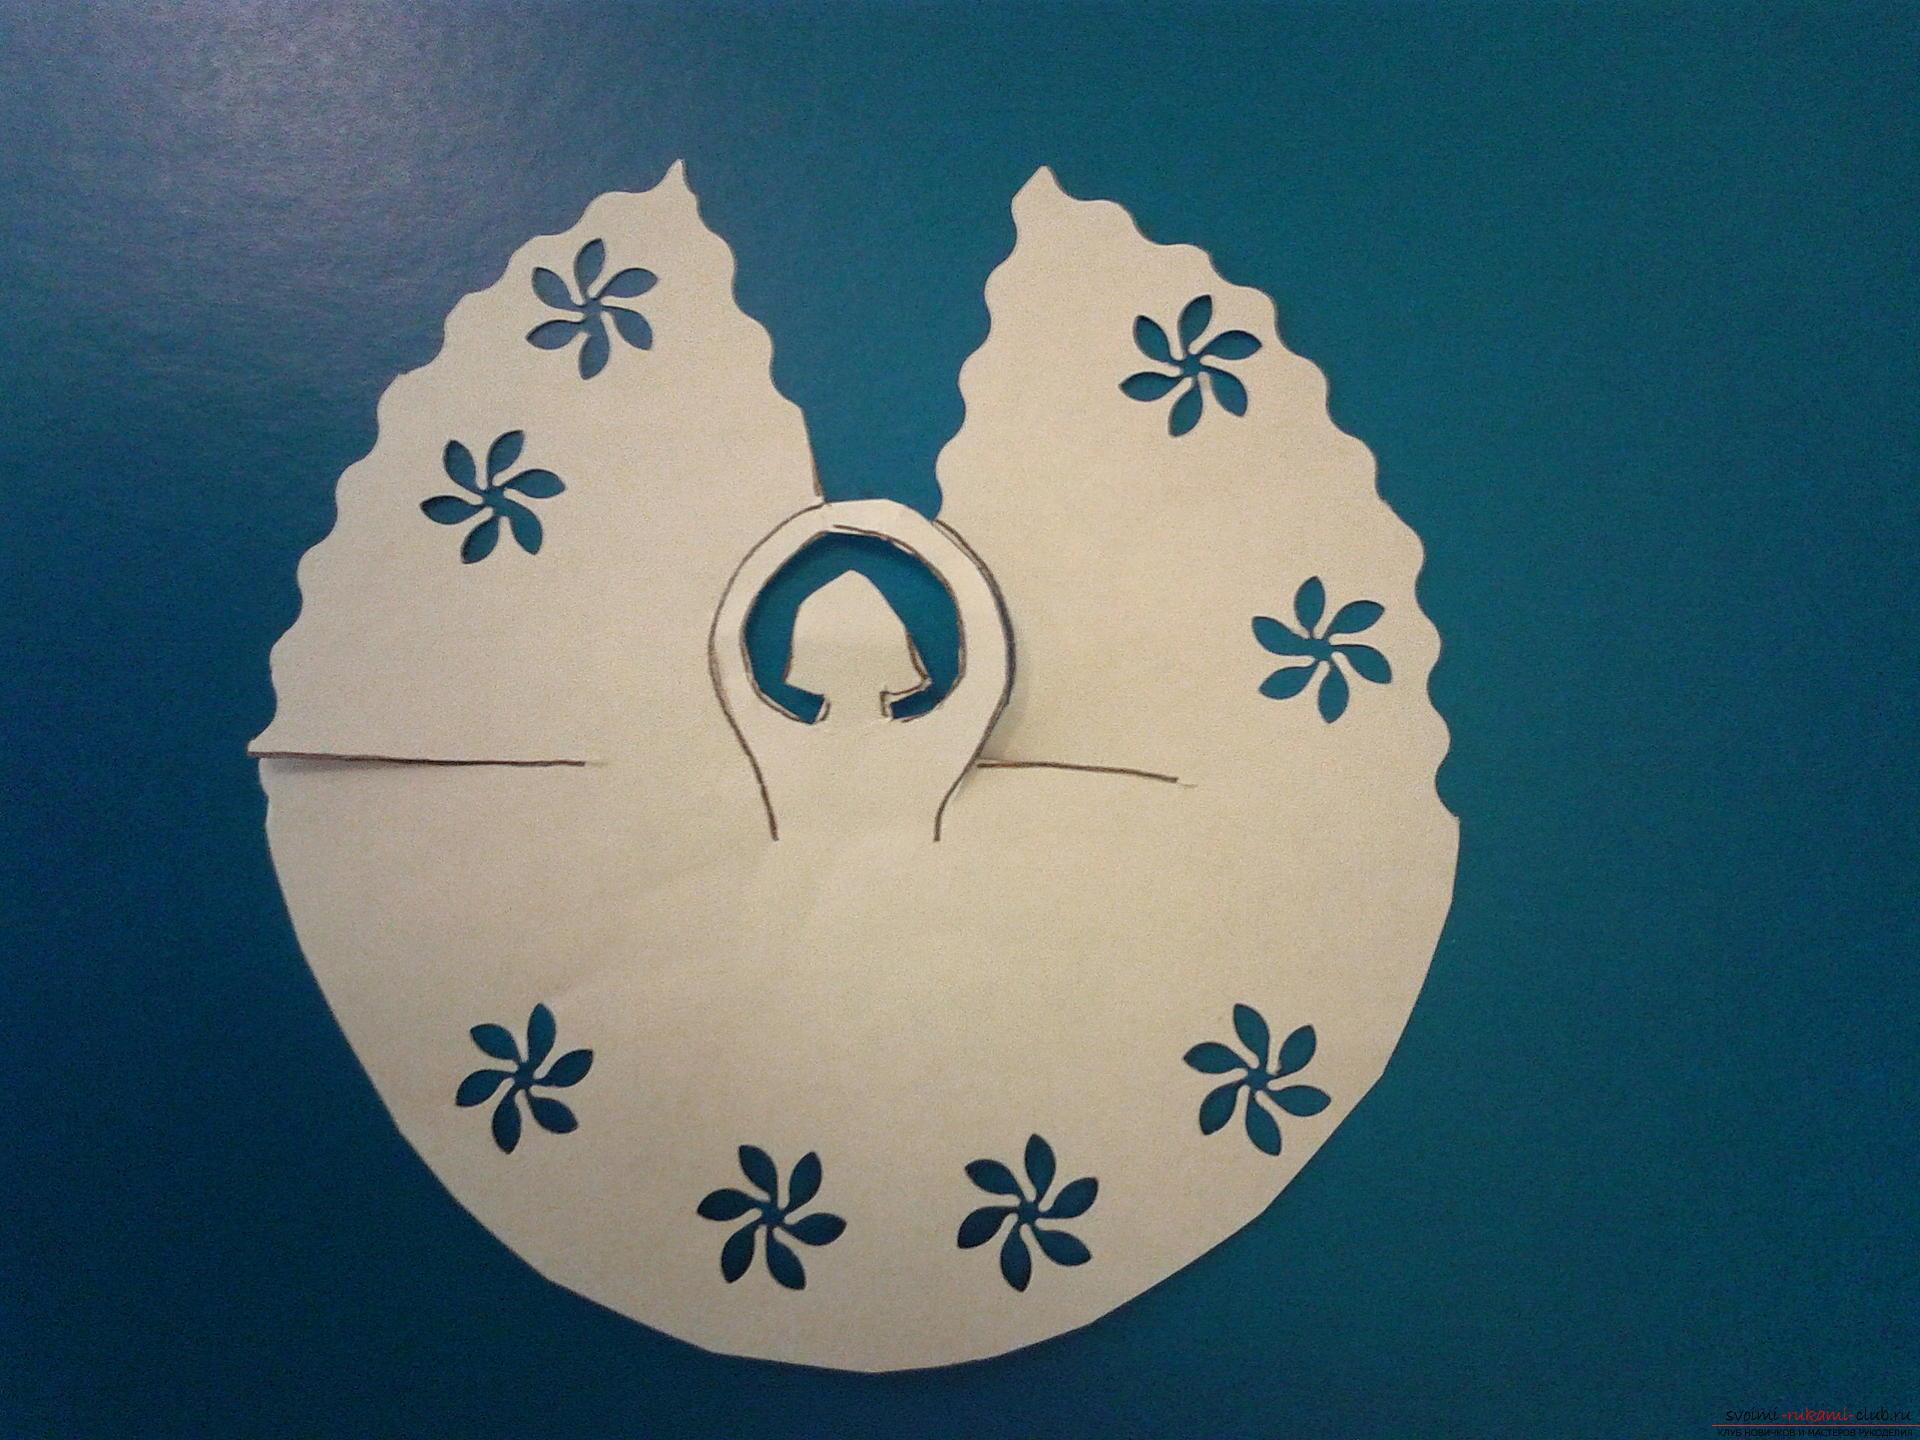 В этом мастер-классе описан процесс создания новогодних поделок своими руками. Милые ангелочки из бумаги создавались как украшения на елку.. Фото №11